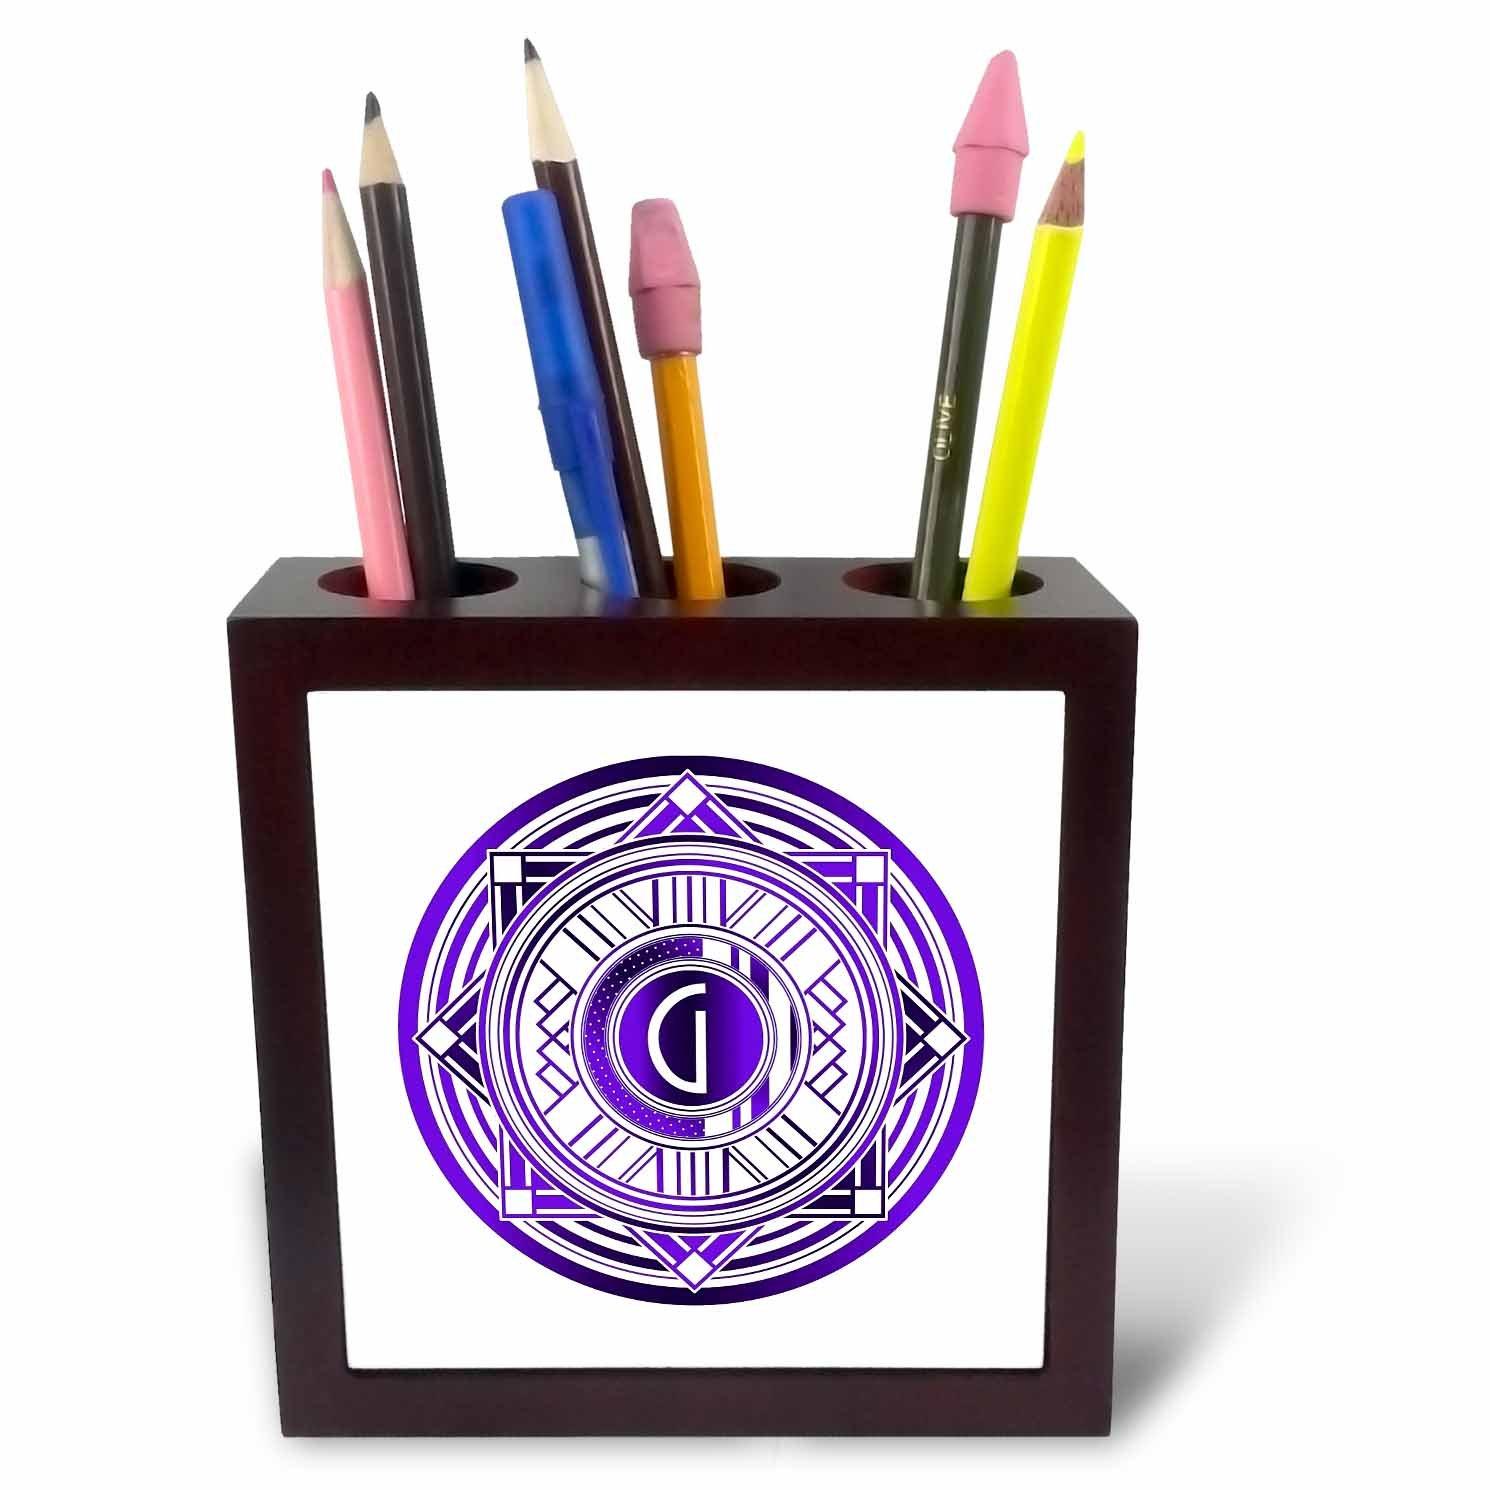 3dRose ph_241481_1 - Soporte para bolígrafo (tamaño pequeño, cm), 12,7 cm), pequeño, diseño de letra G, color morado ca7c01